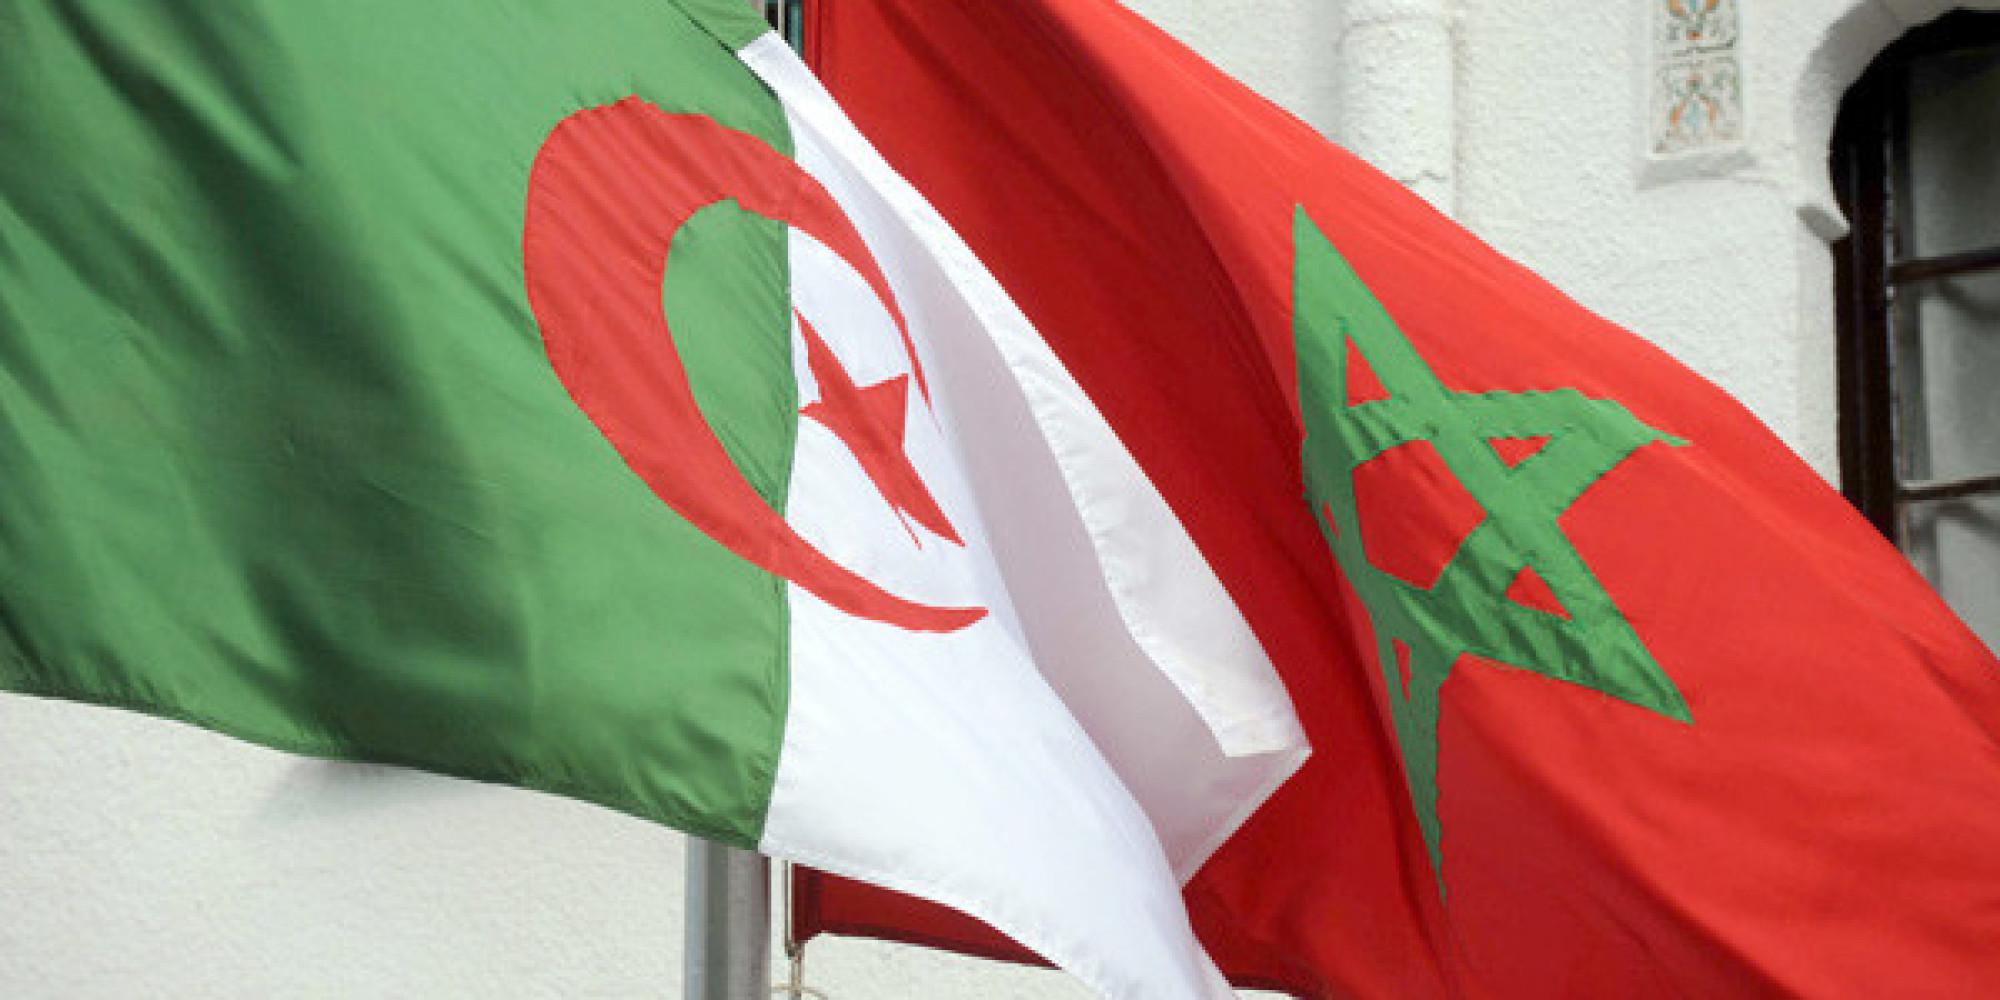 rencontre marocain Le Lamentin